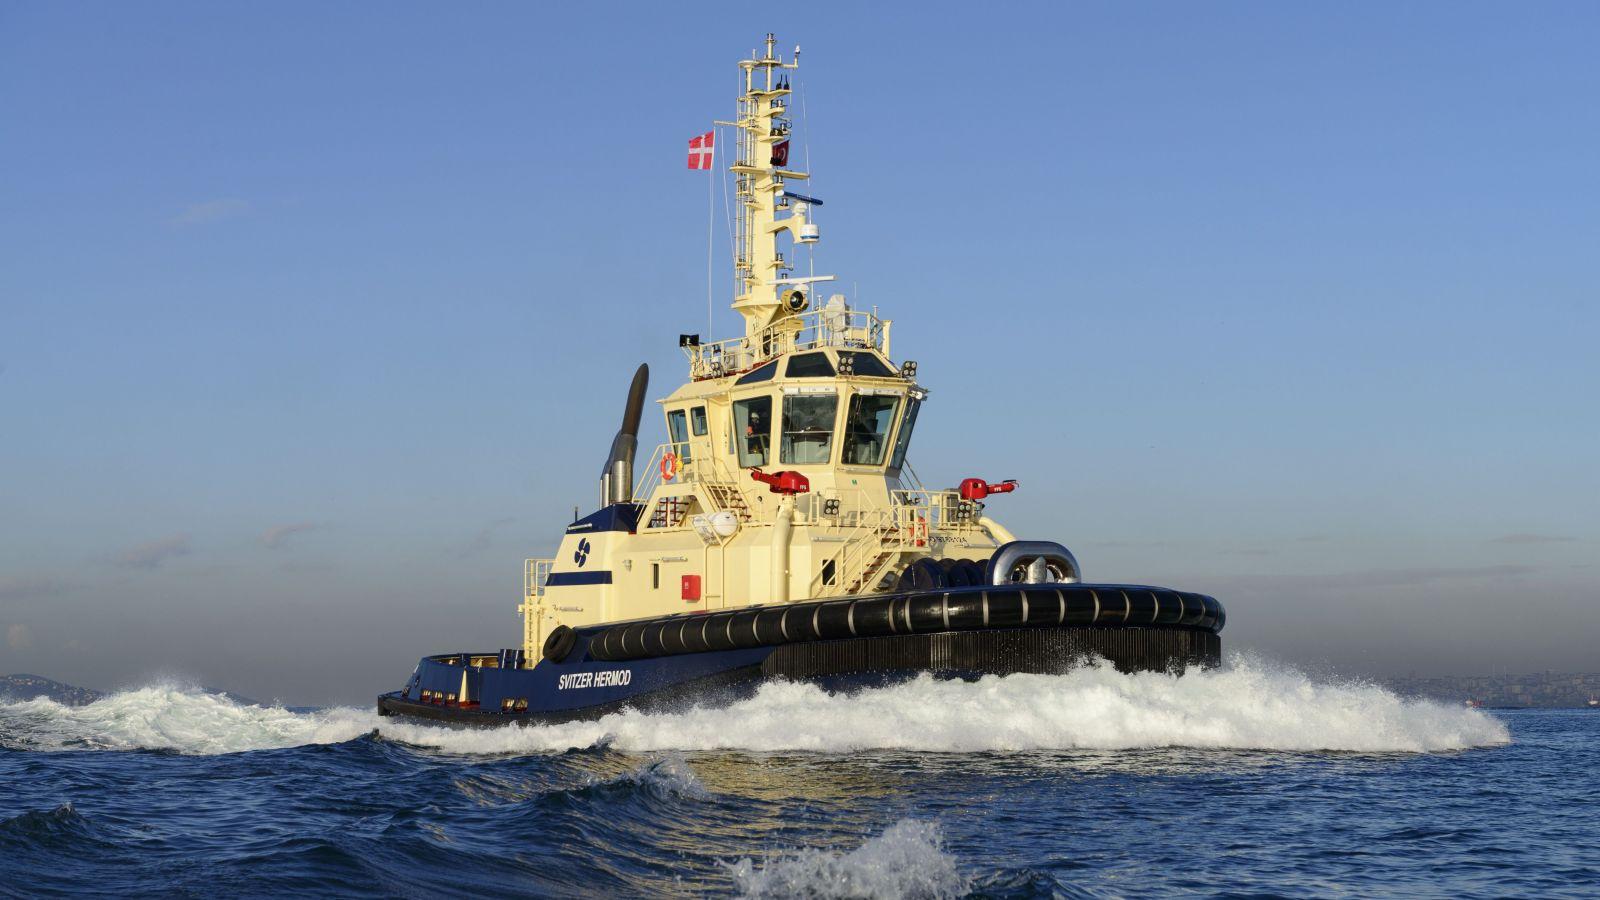 Dünyanın ilk uzaktan kumandalı gemisinde Sanmar imzası